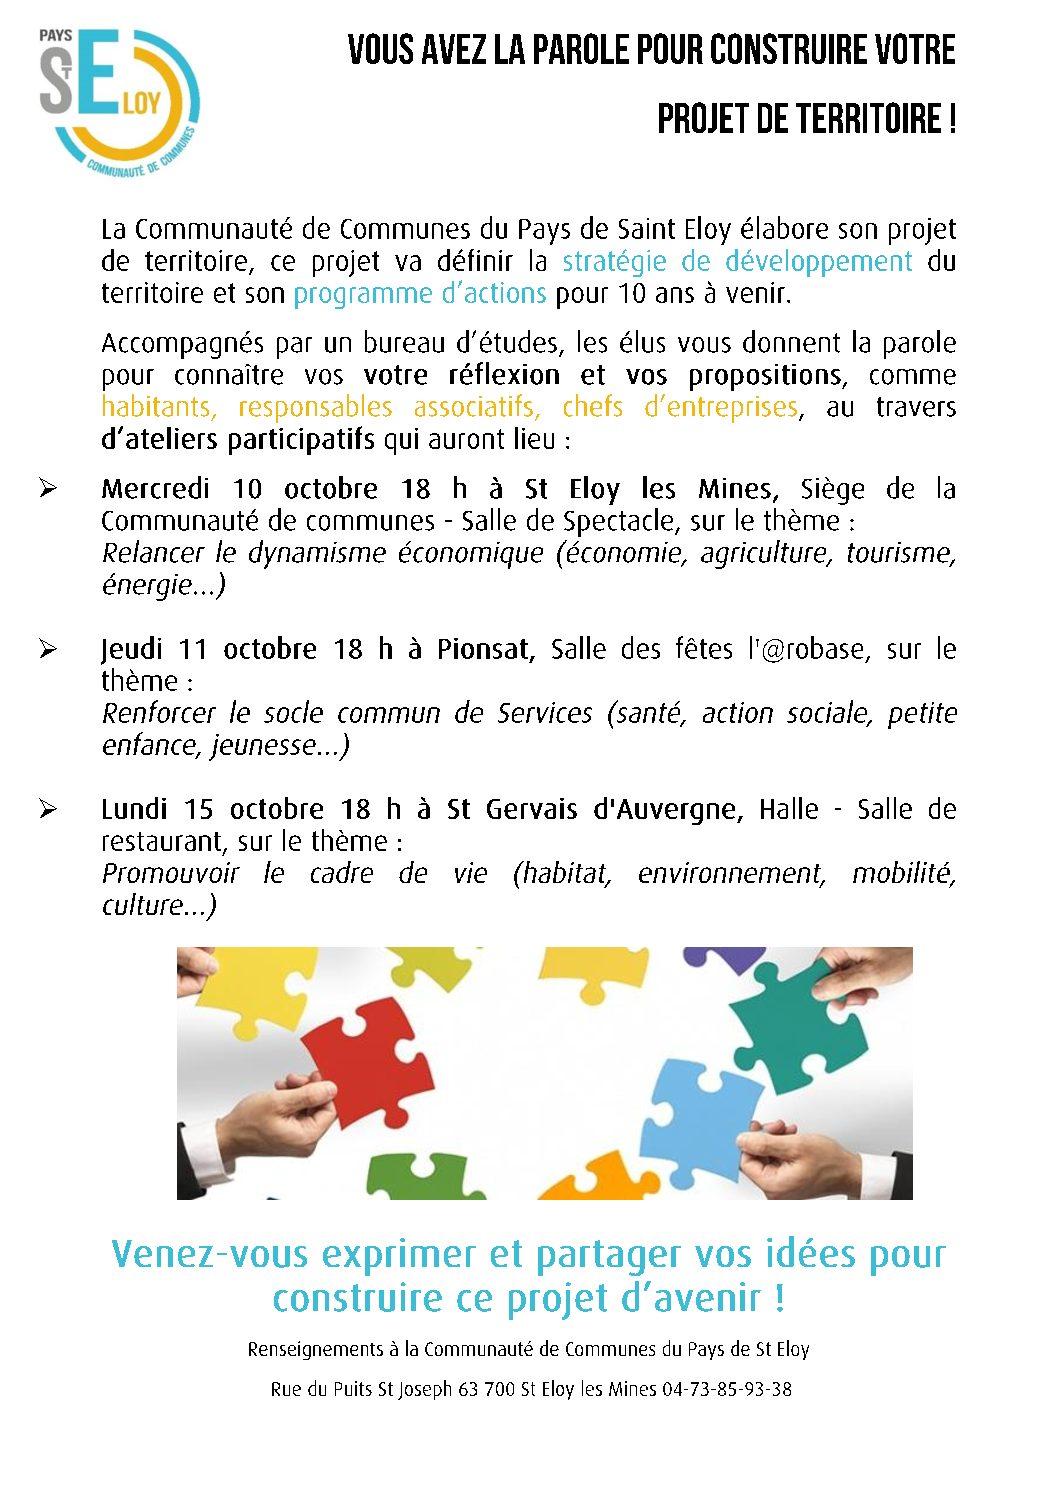 La Communauté de communes du Pays de Saint-Éloy vous donne la parole pour bâtir notre projet de territoire